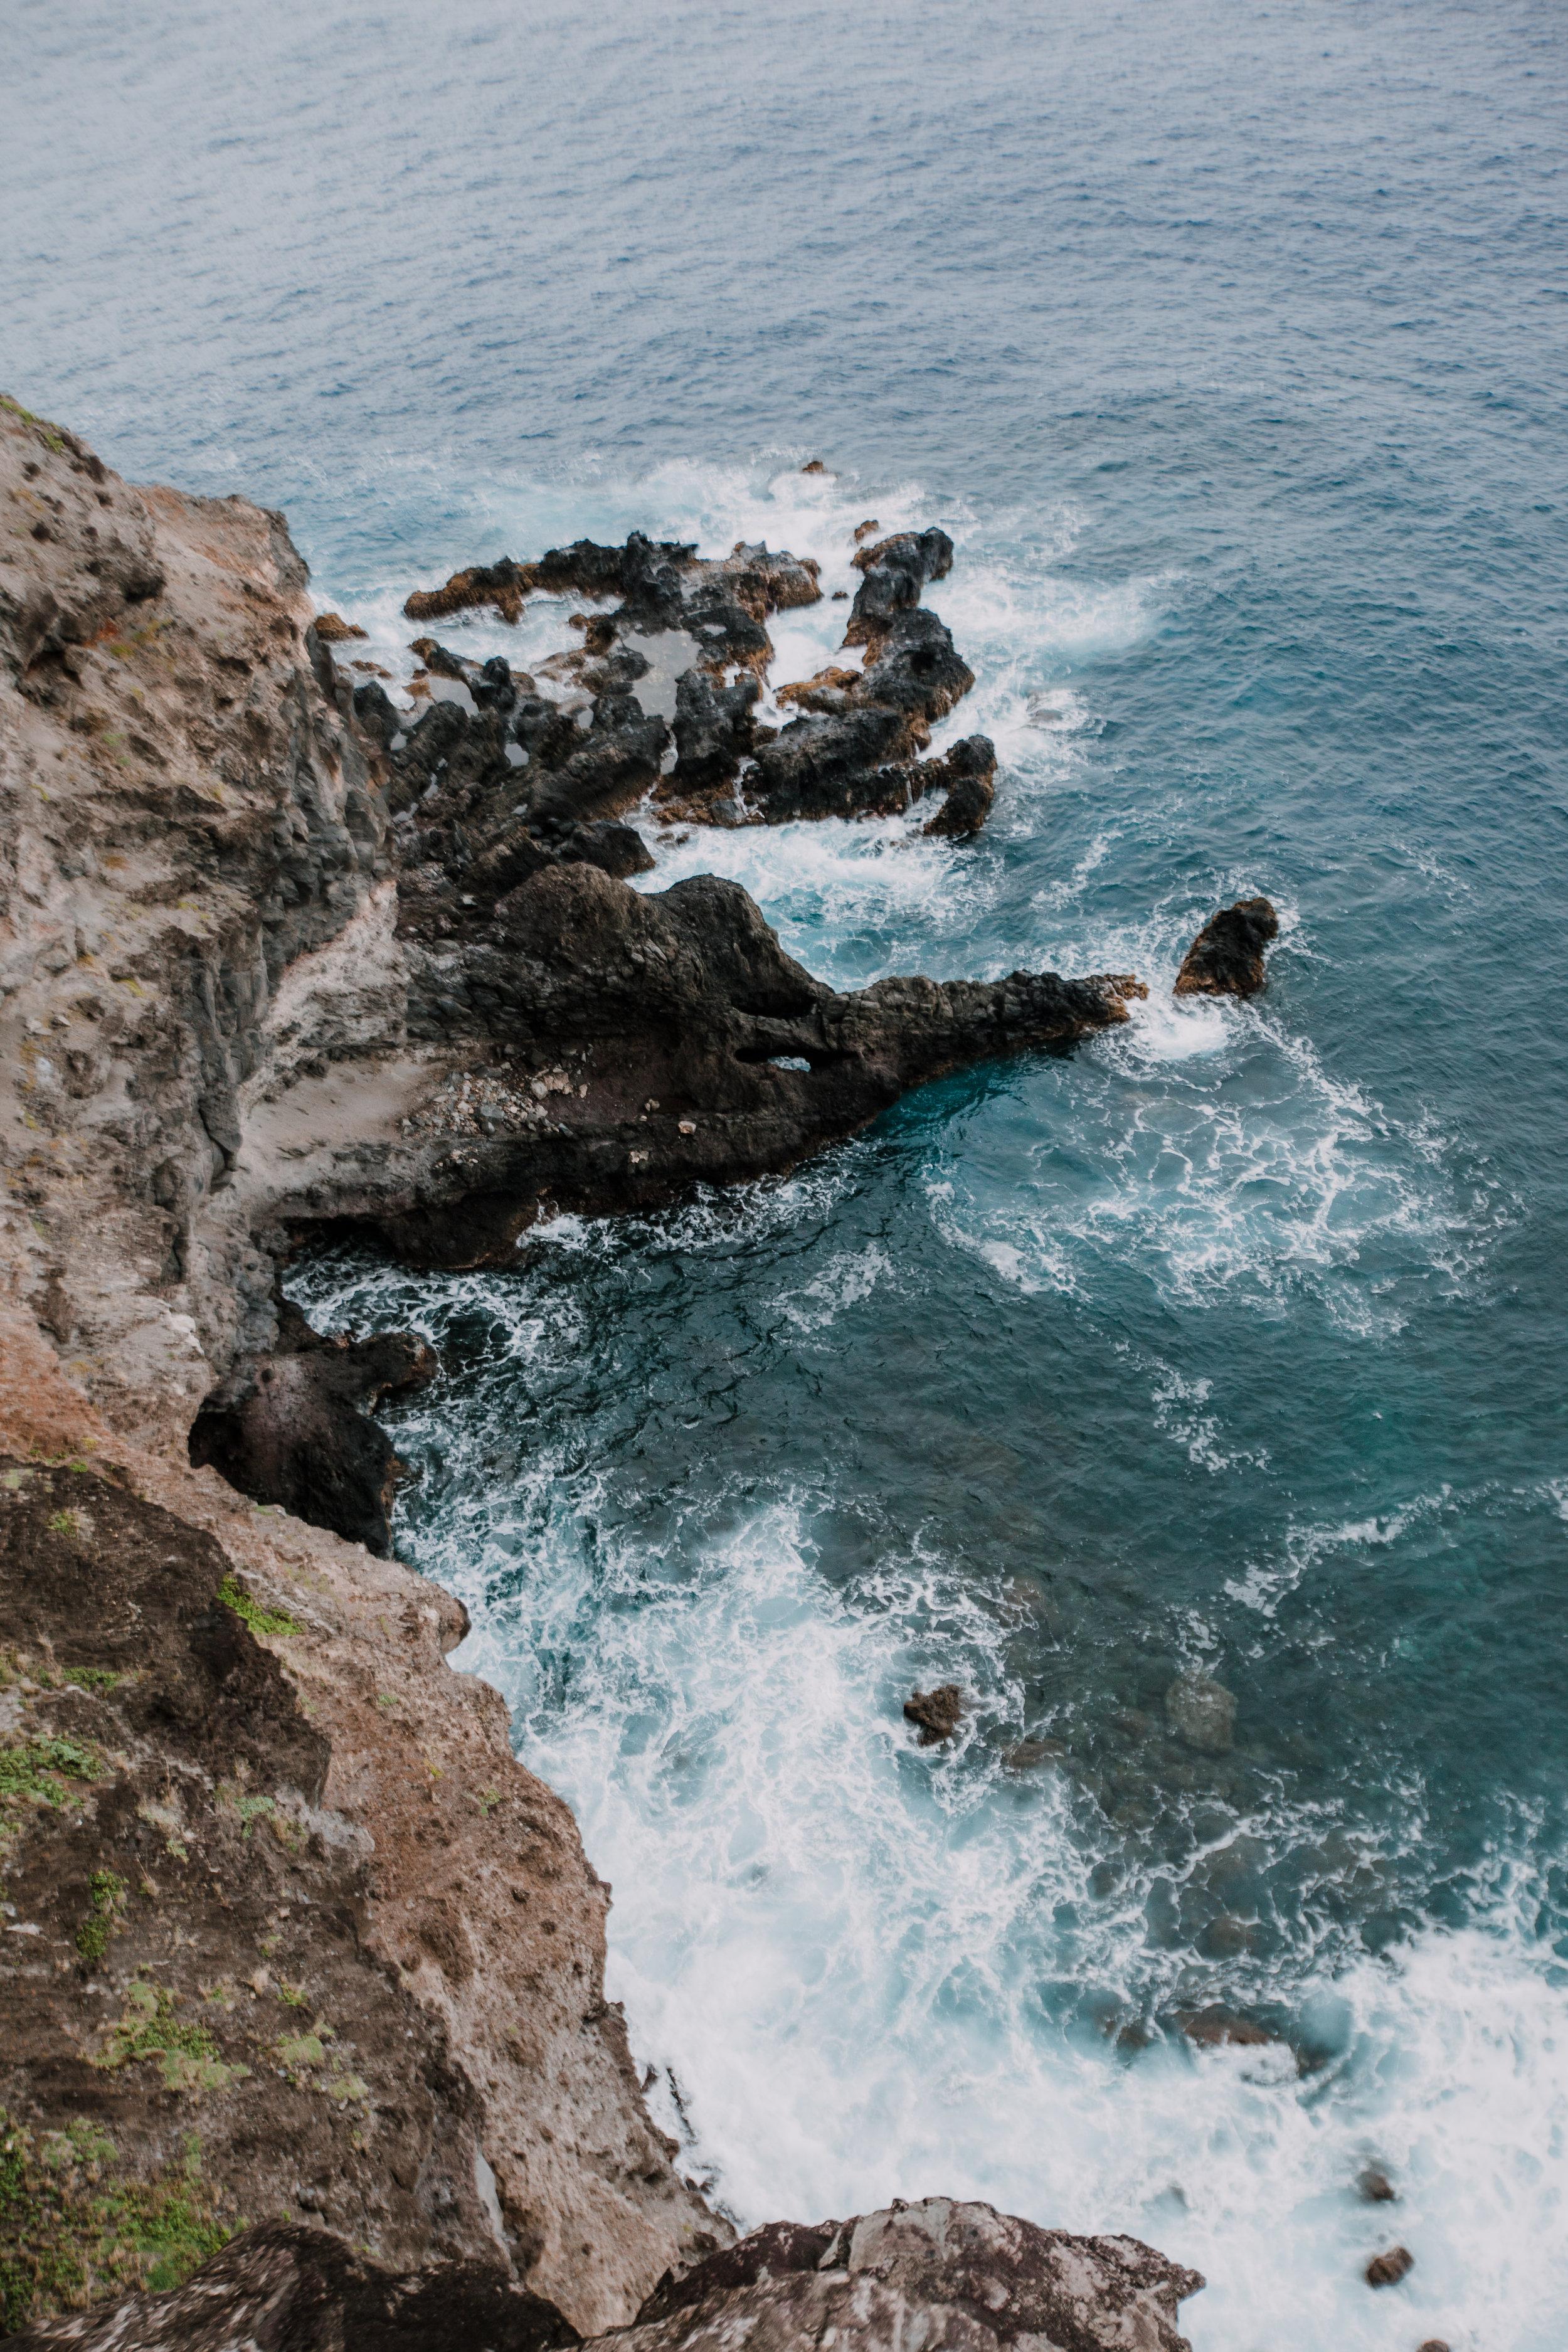 ocean cliff, hana dropoff, haleakala national park, hawaii wedding photographer, hawaii elopement photographer, maui wedding, maui engagements, maui elopement